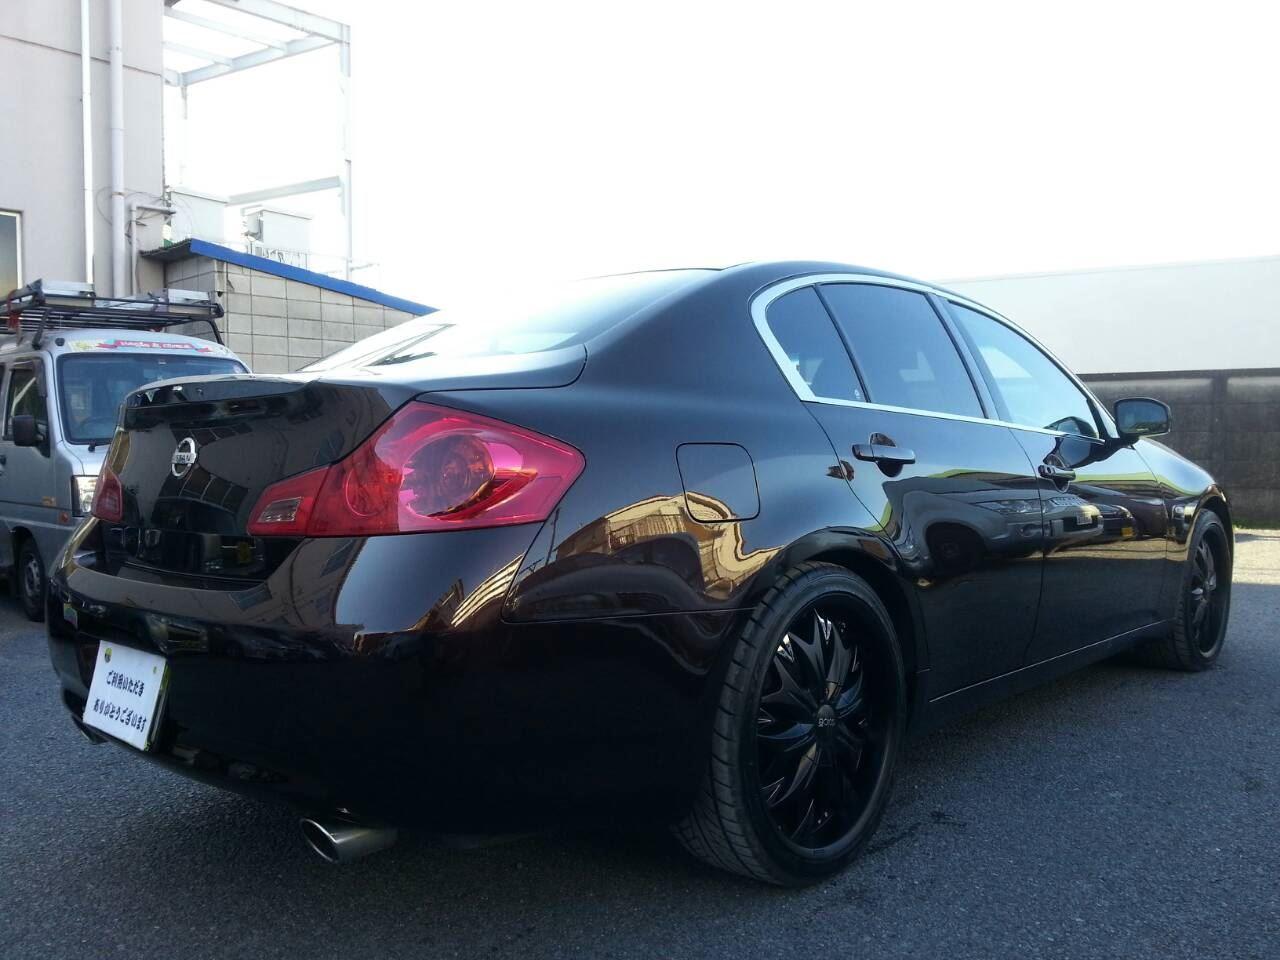 東京都立川市の車の板金塗装修理工場 ガレージローライドの日産 スカイライン オールペイント オールペン 全塗装 です。